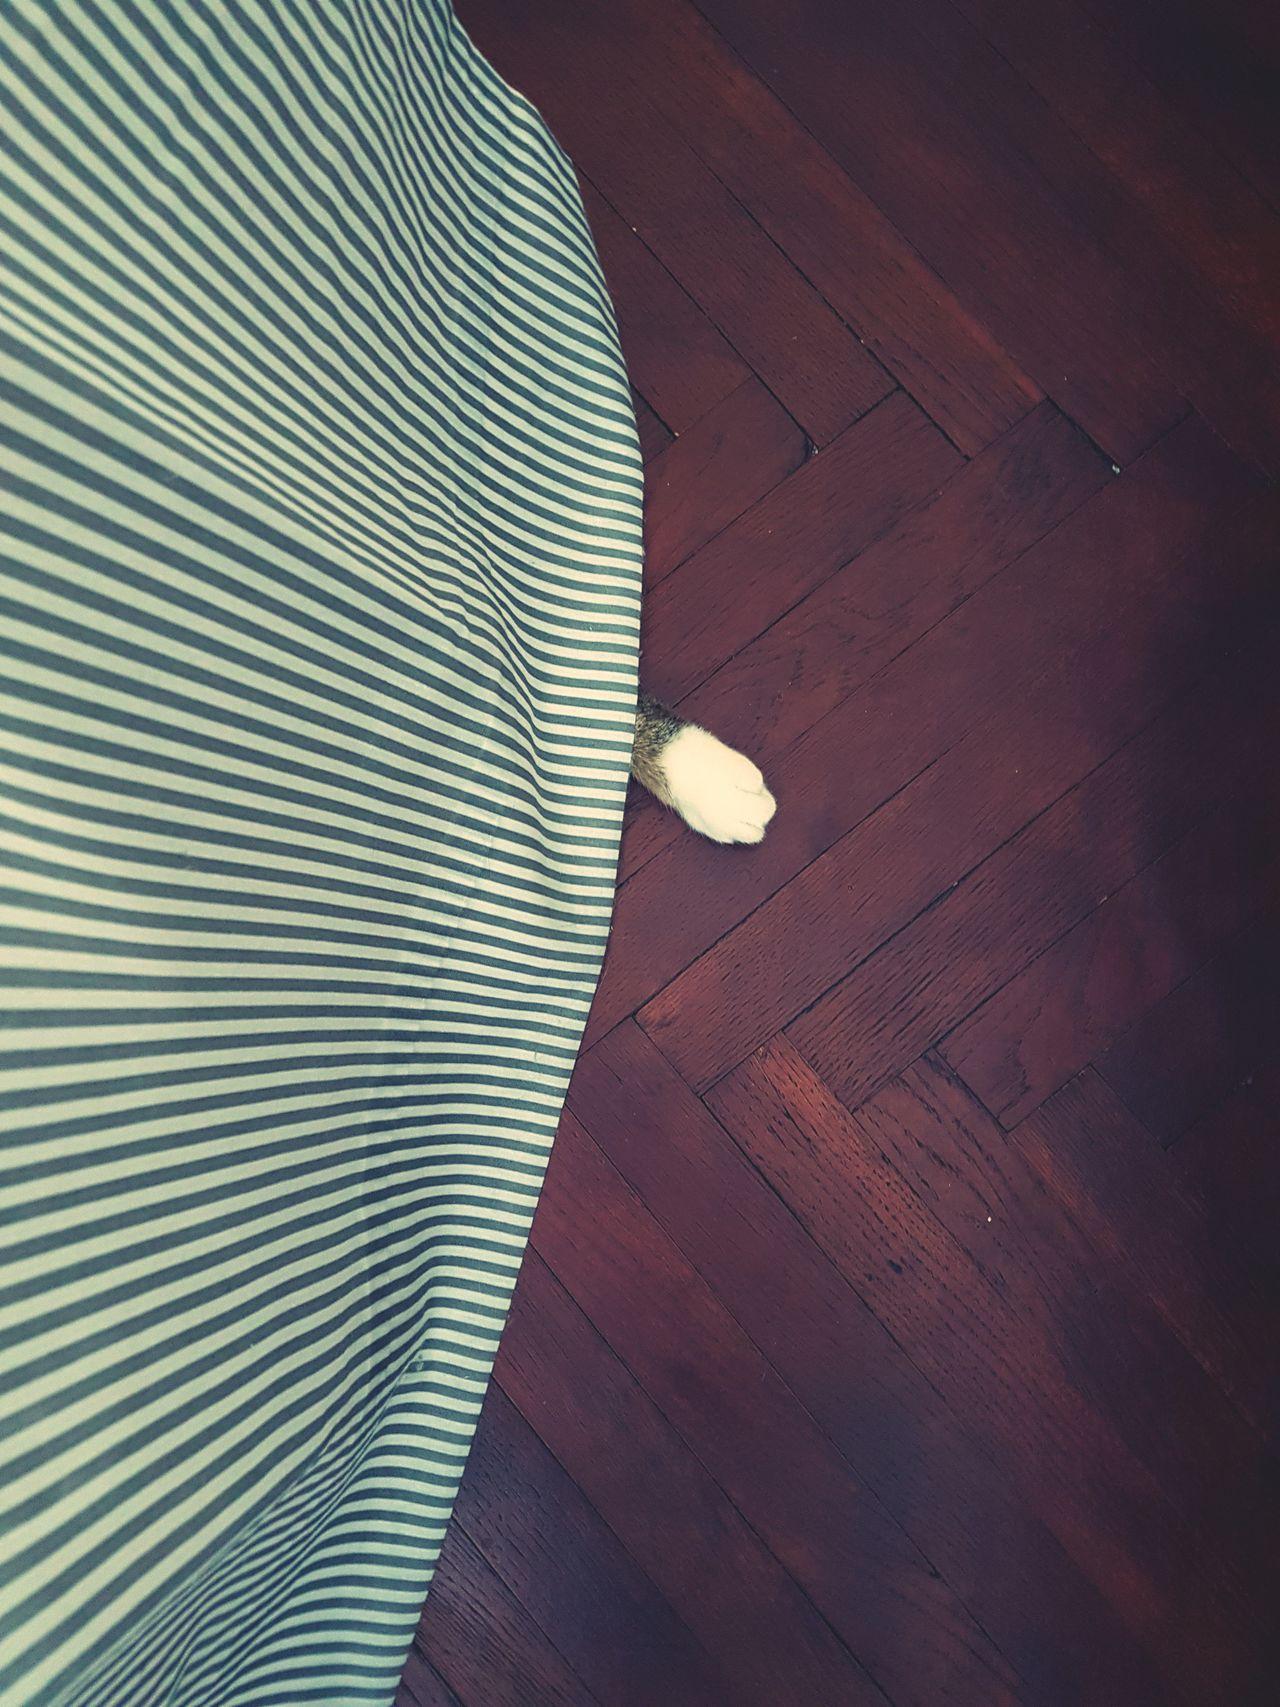 HID Indoors  Hardwood Floor Textile Pattern No People My Cat♥ Hide And Seek White Sock Paw